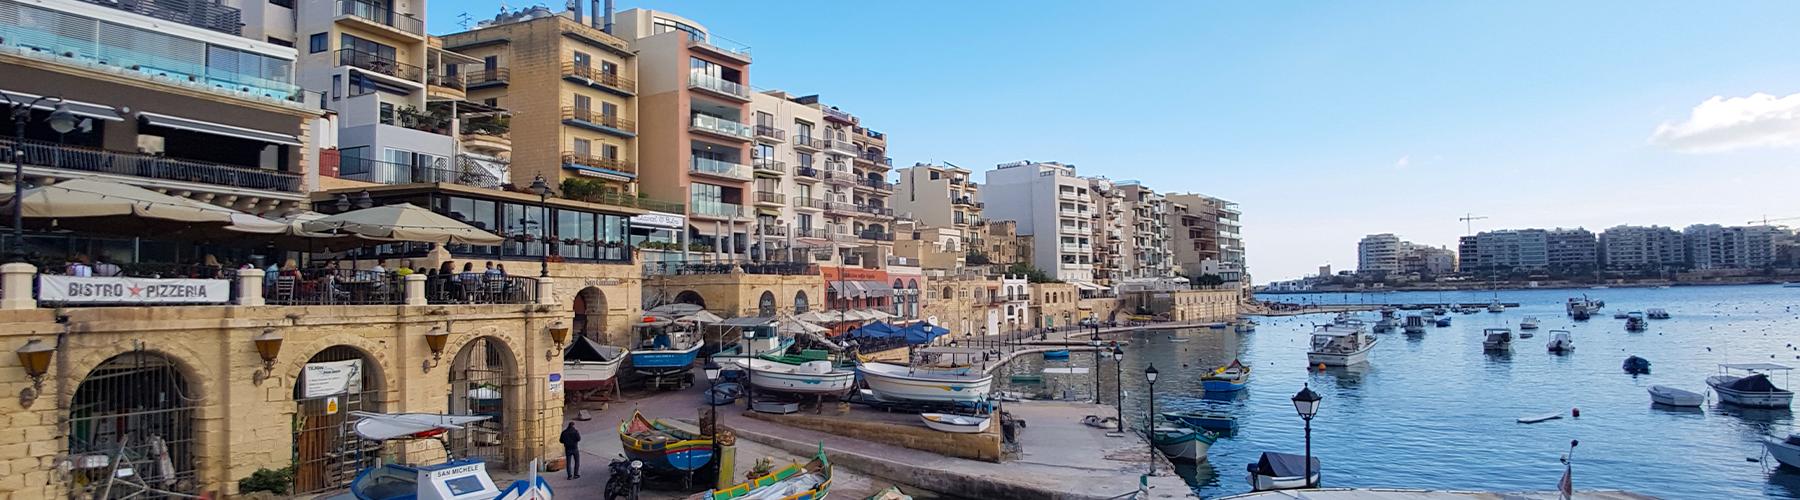 Malta St Julian's dil eğitimi için seçilebilecek en güzel şehirdir. Tüm diğer aktivite ve sosyal imkanlar da buradadır.